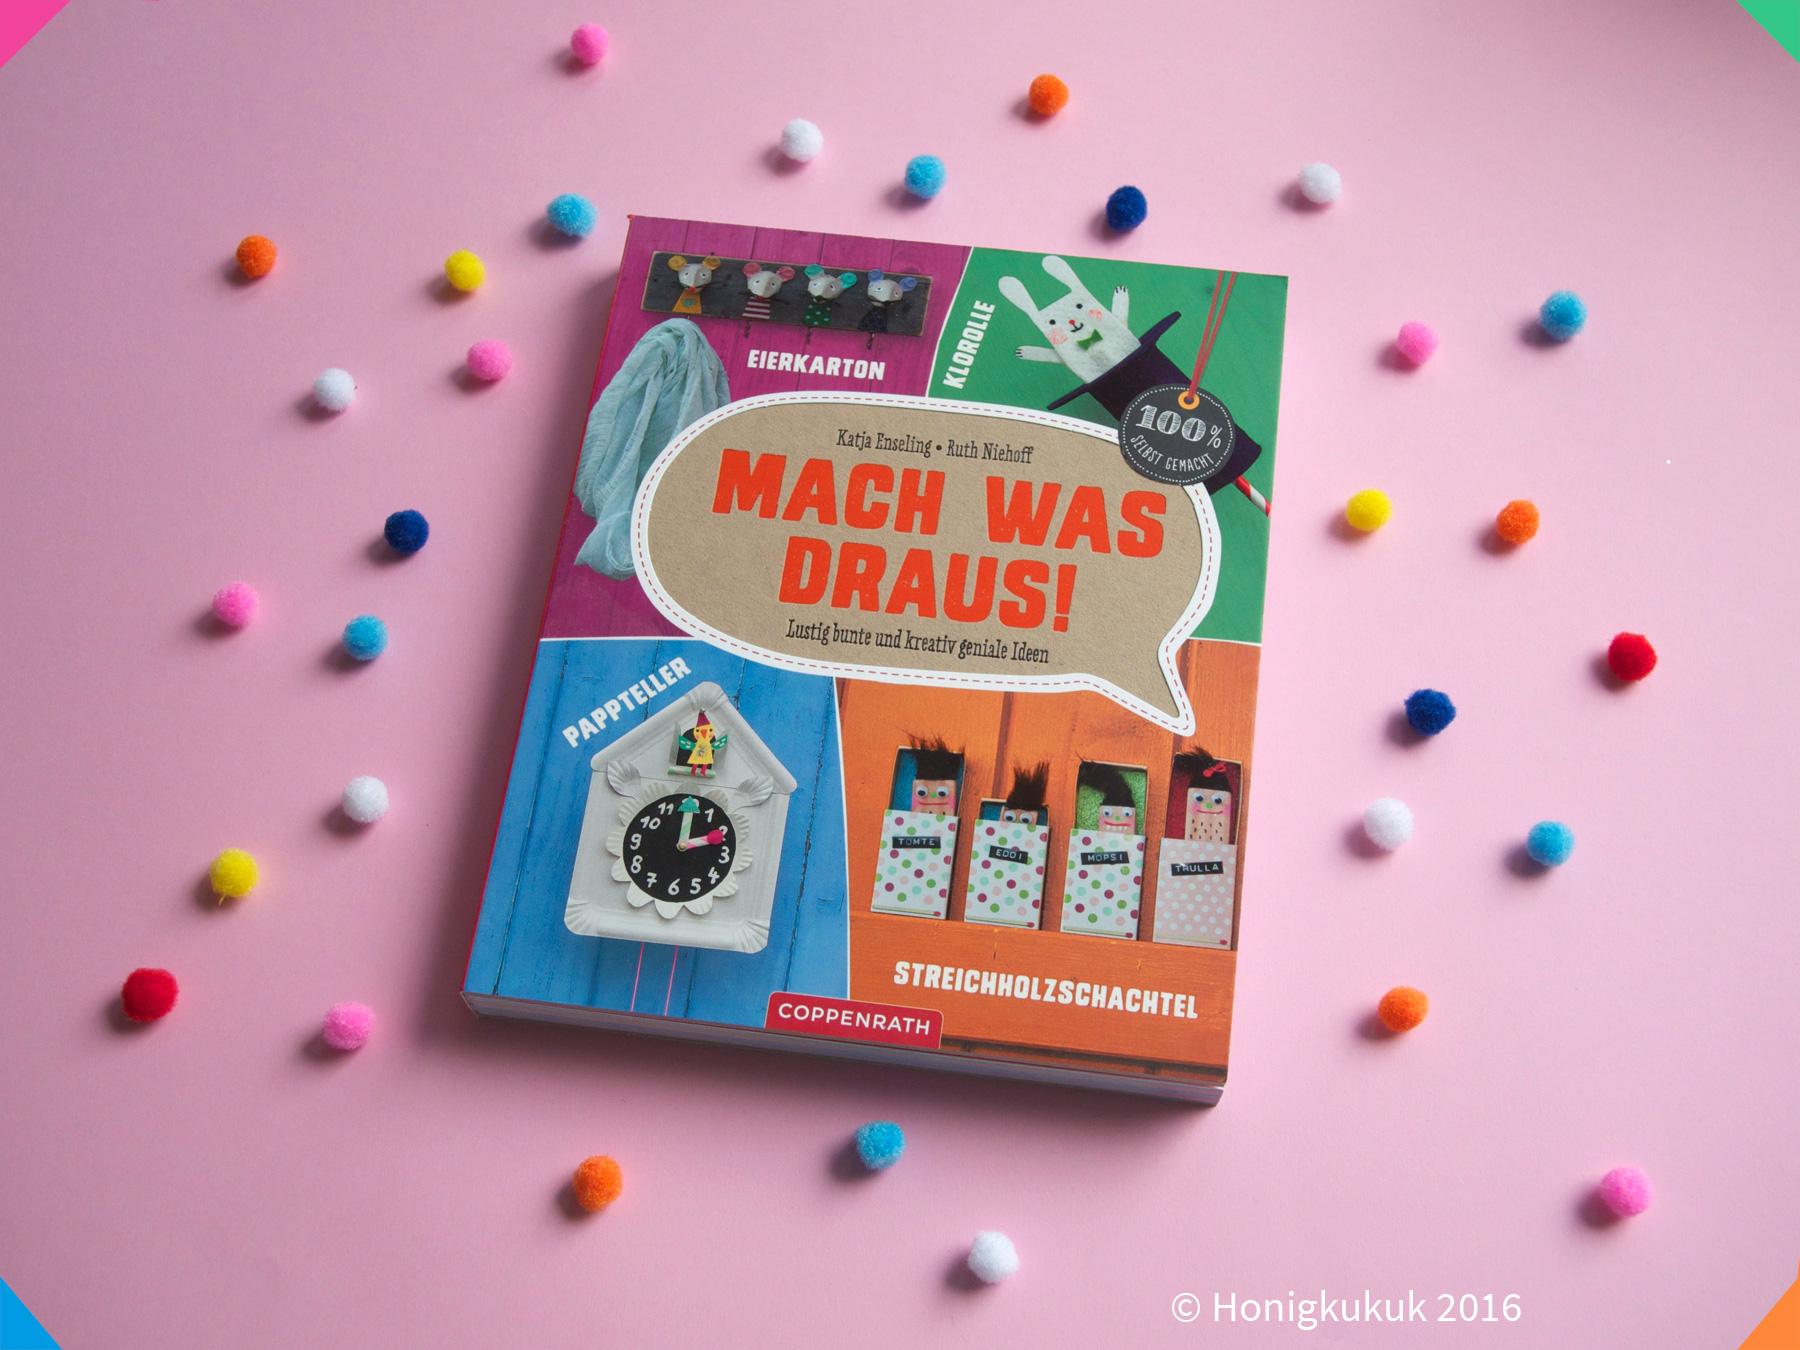 Bastelbuch, Mach was draus!